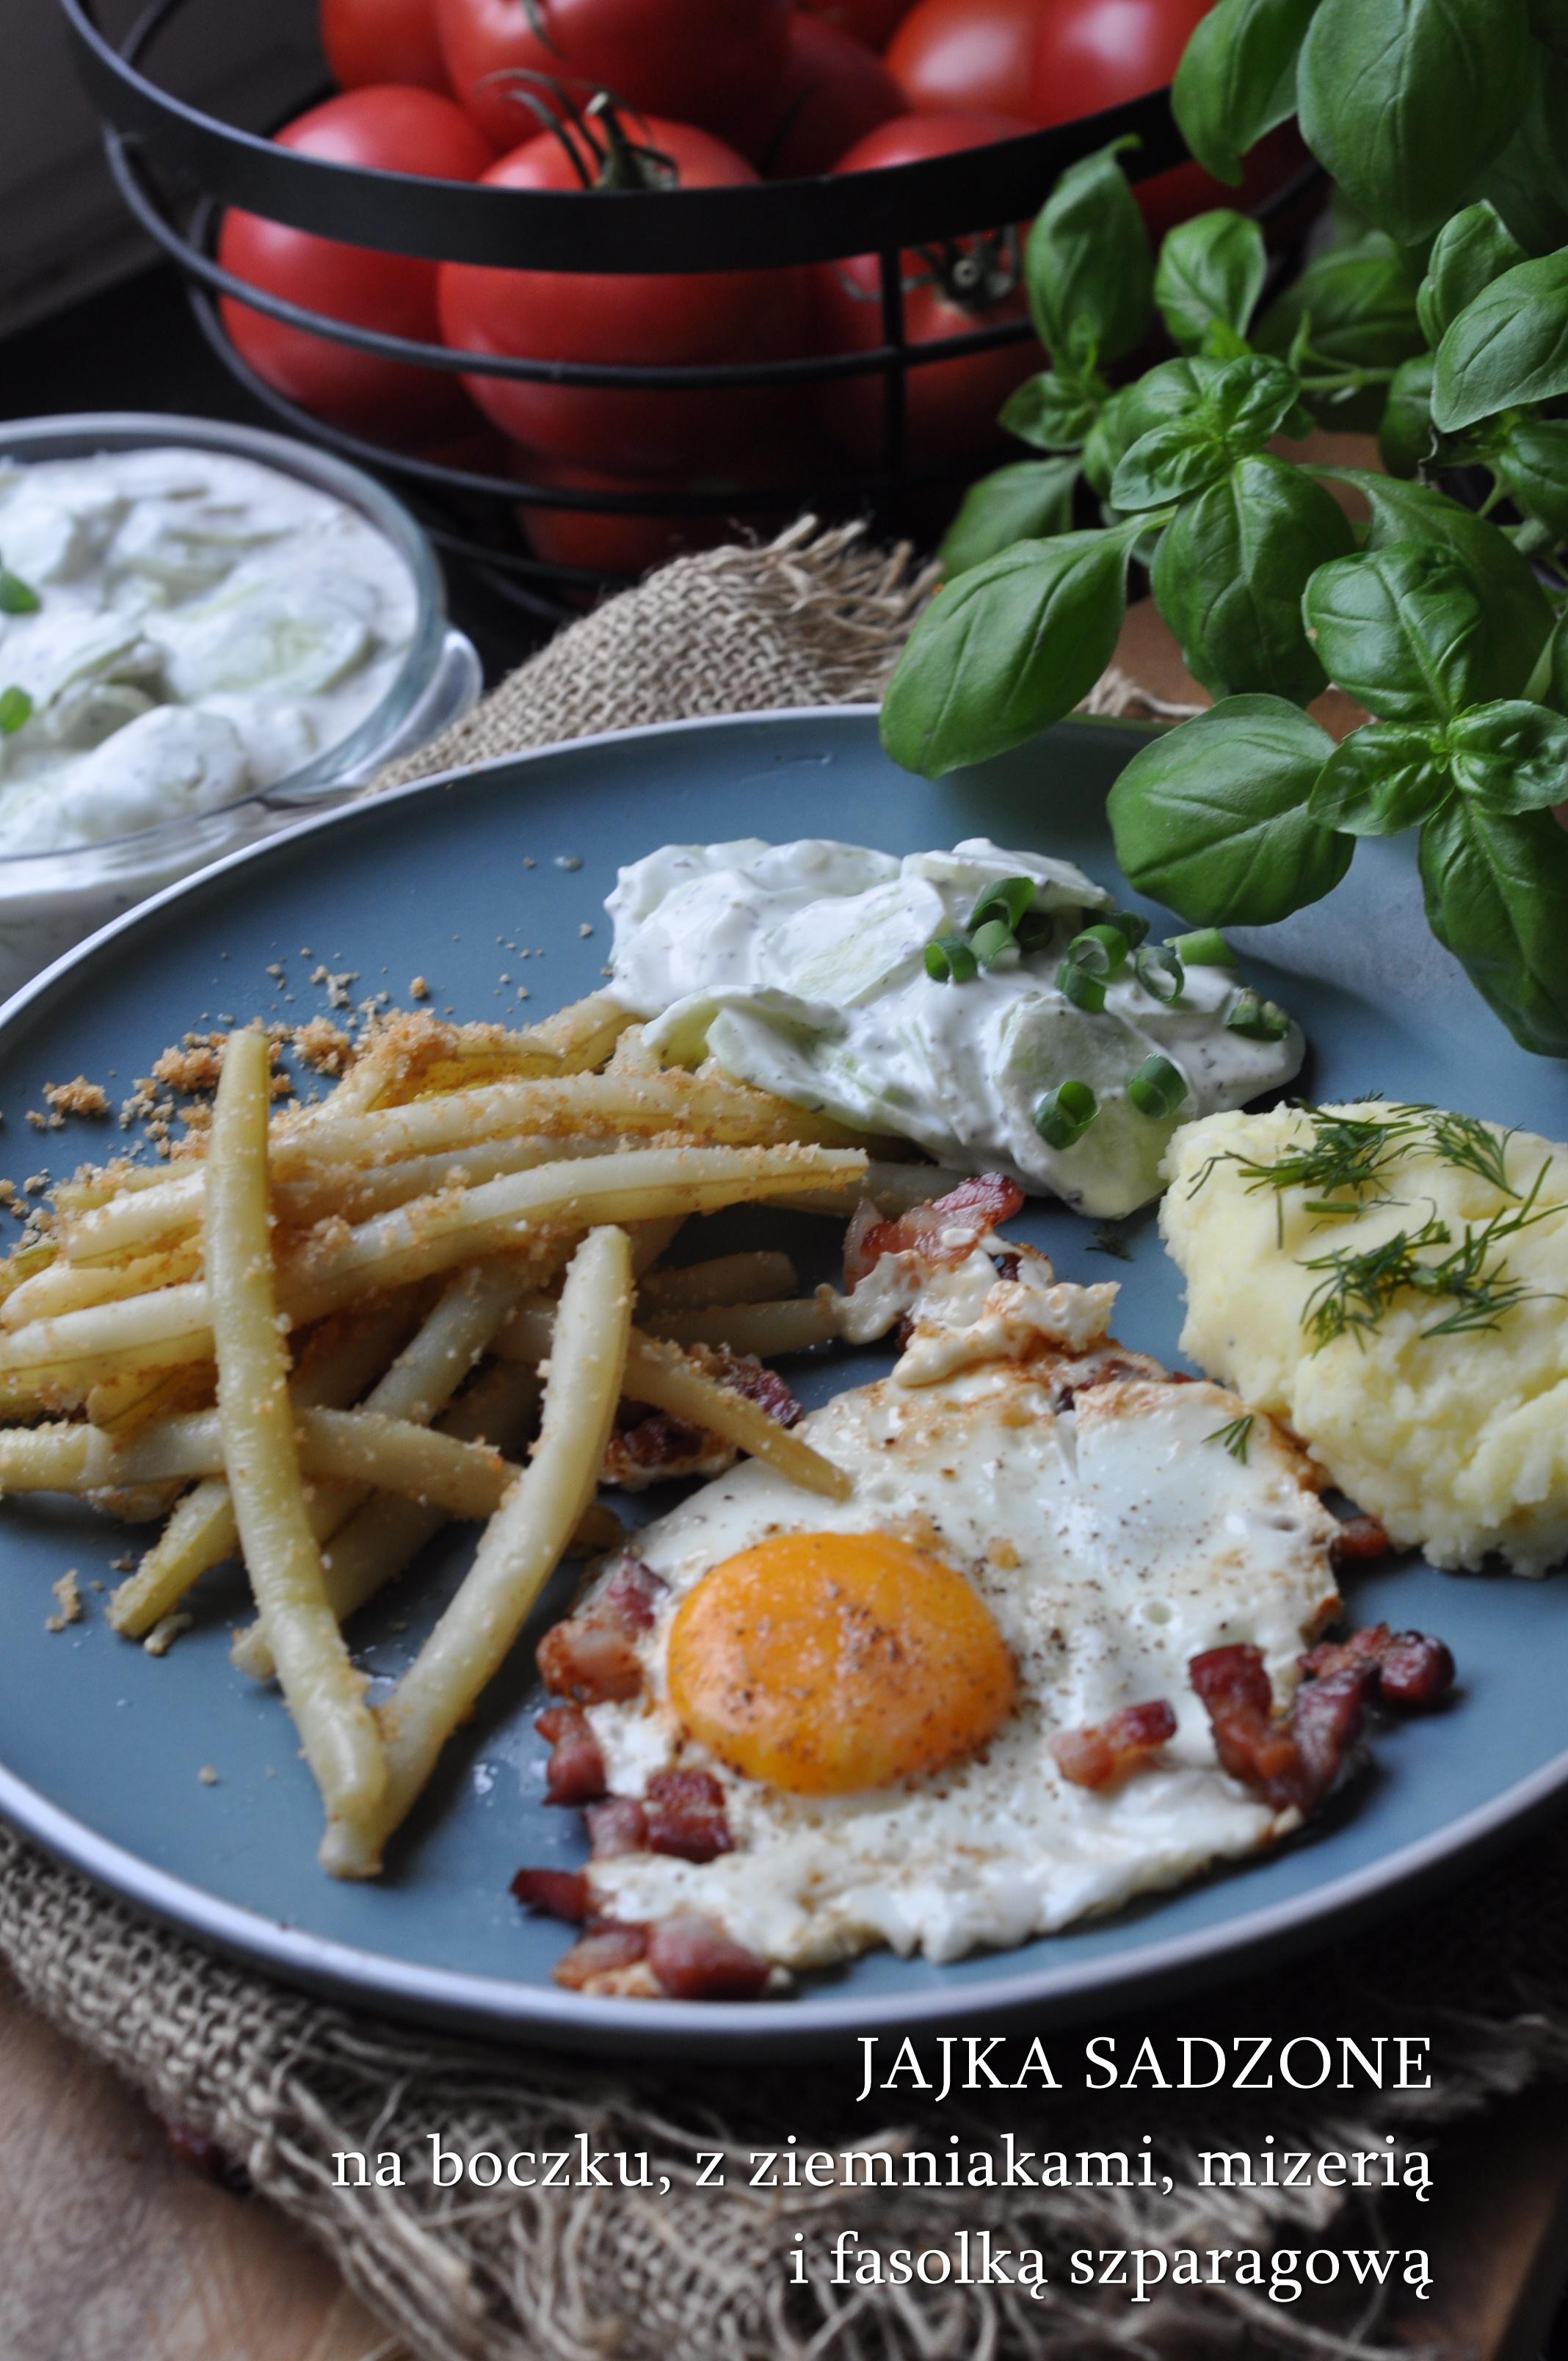 jajka sadzone z ziemniakami